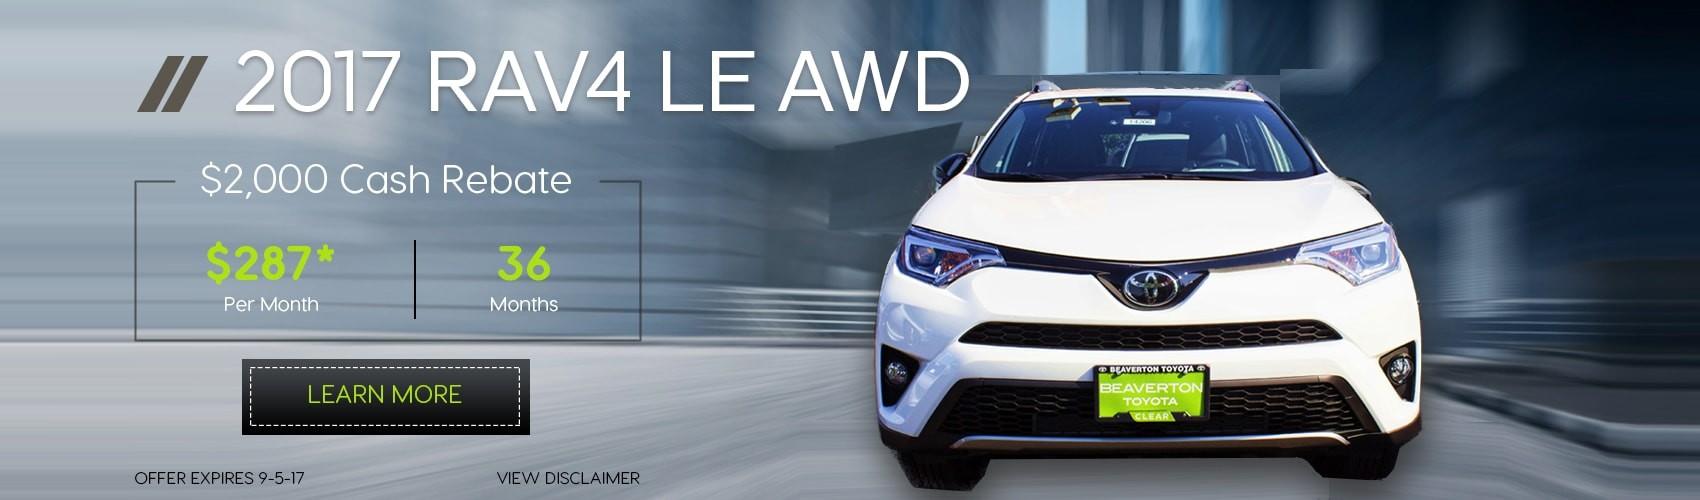 2017 RAV4 LE AWD